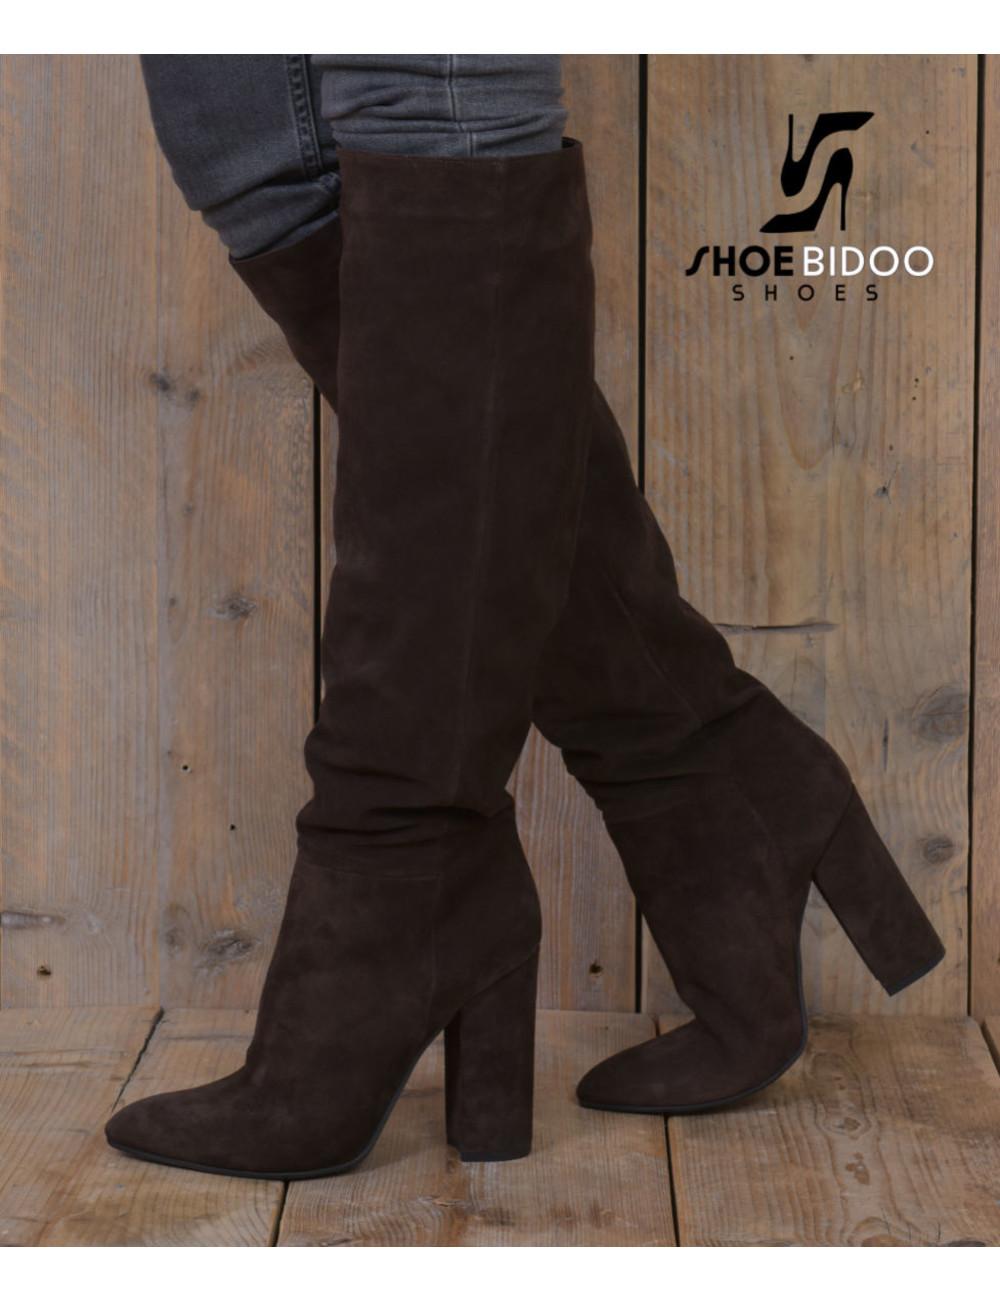 Sanctum Shoes Lange knie laarzen met hoge blokhakken in suede zonder rits